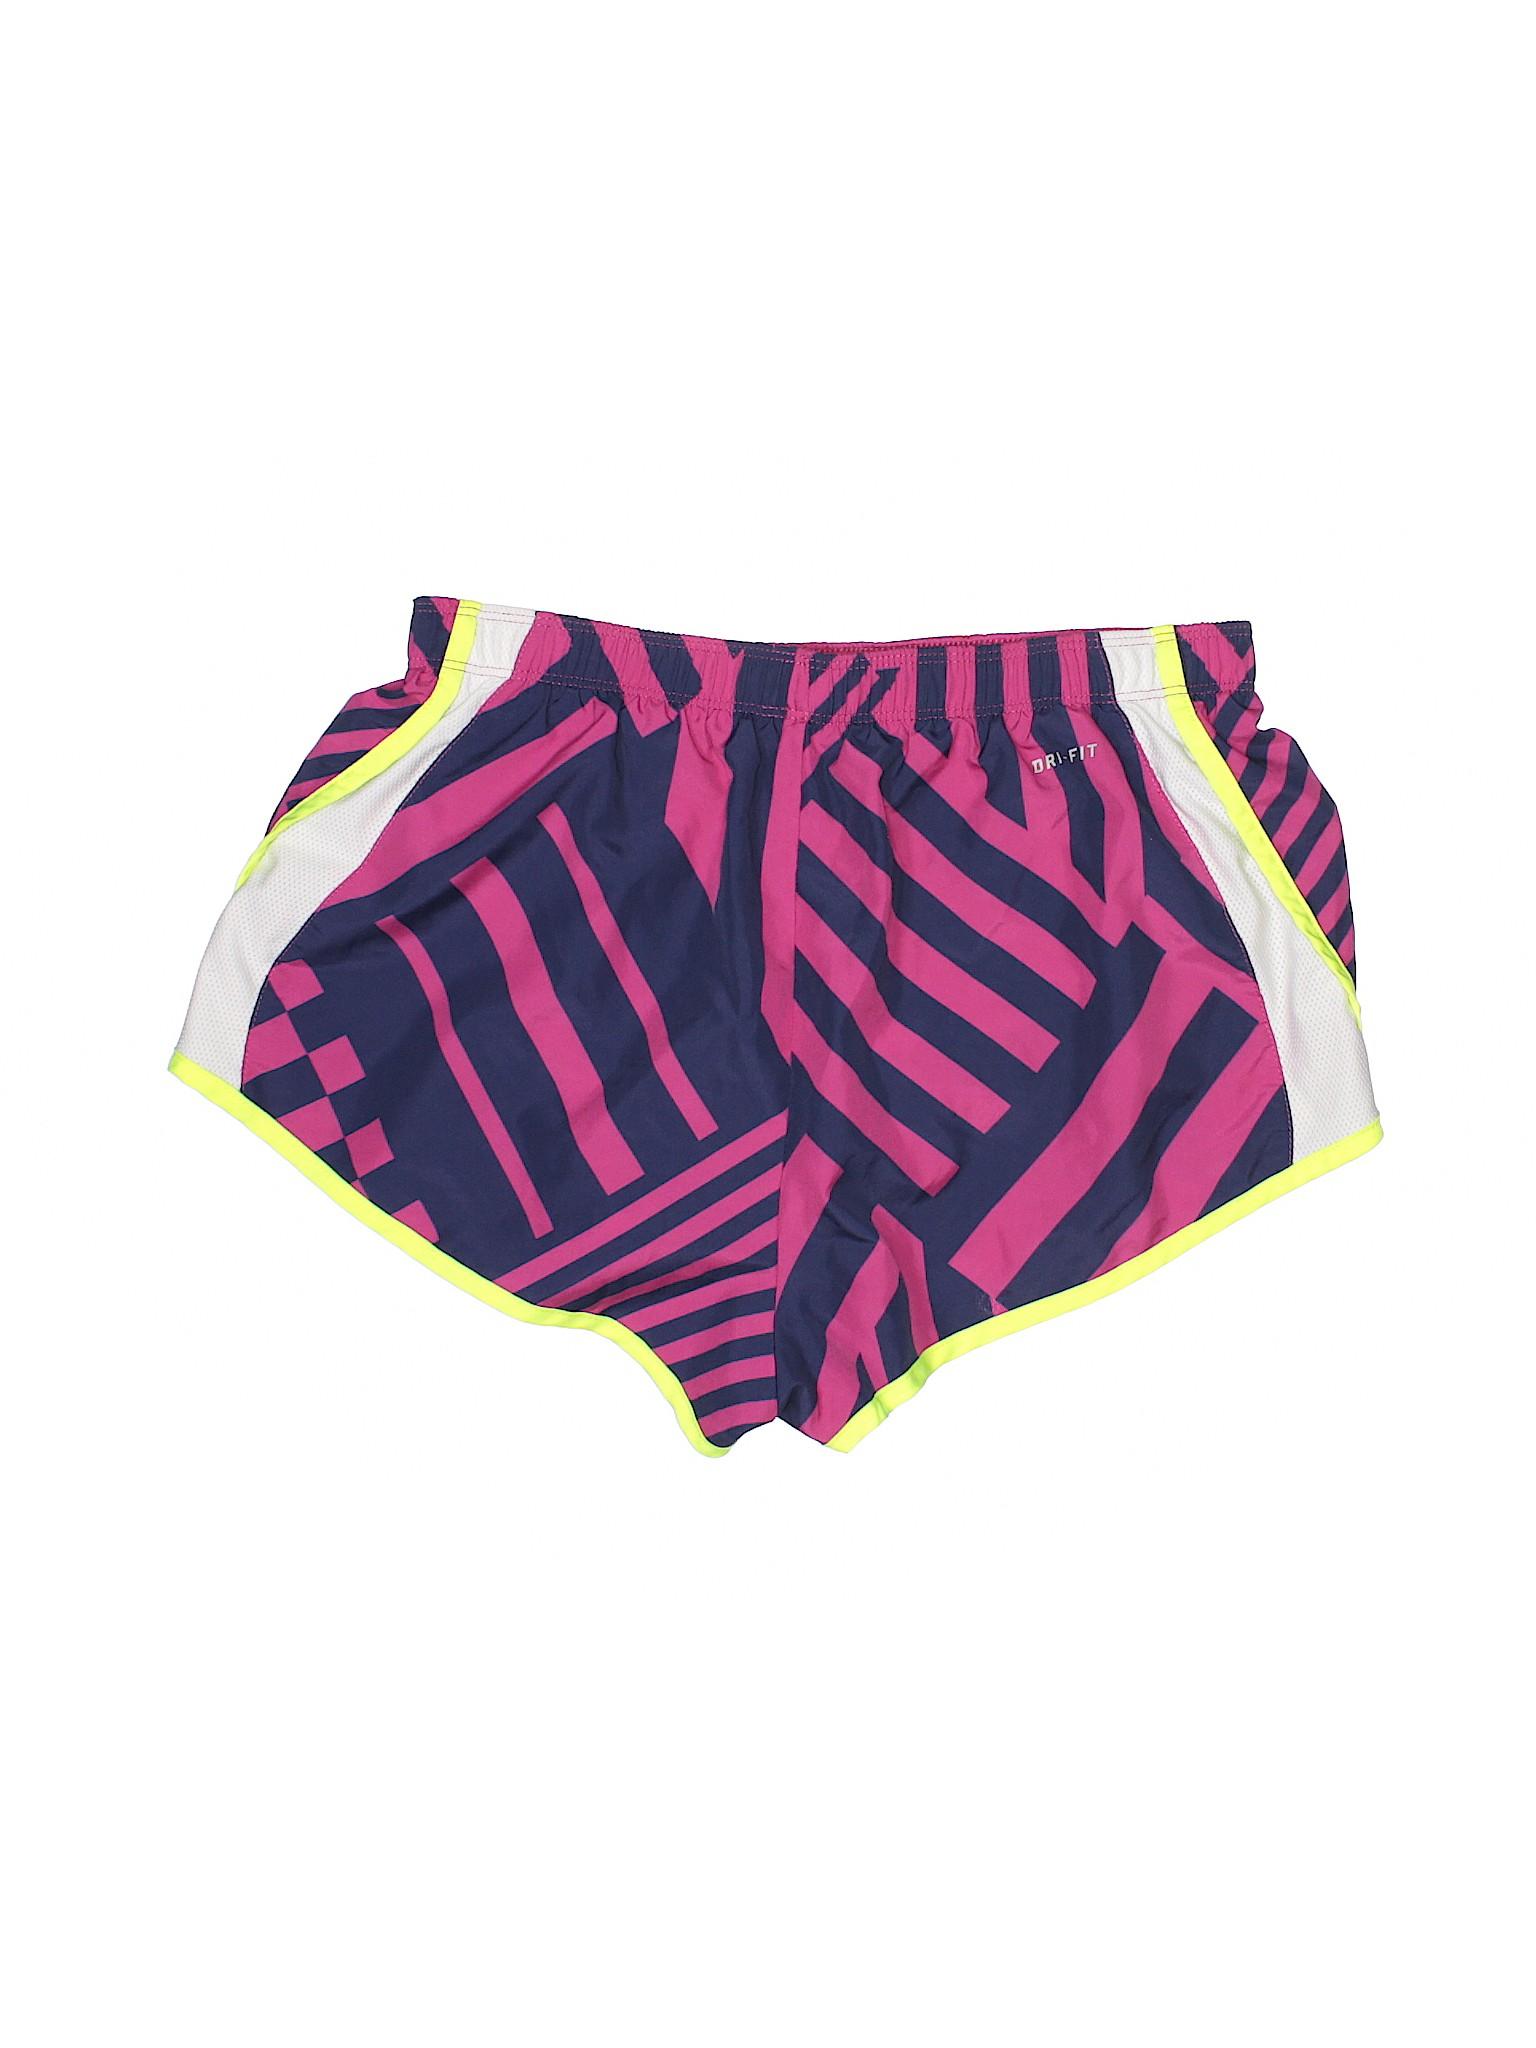 Boutique Boutique Nike Athletic Boutique Athletic Nike Shorts Shorts xnHF7qwZaZ